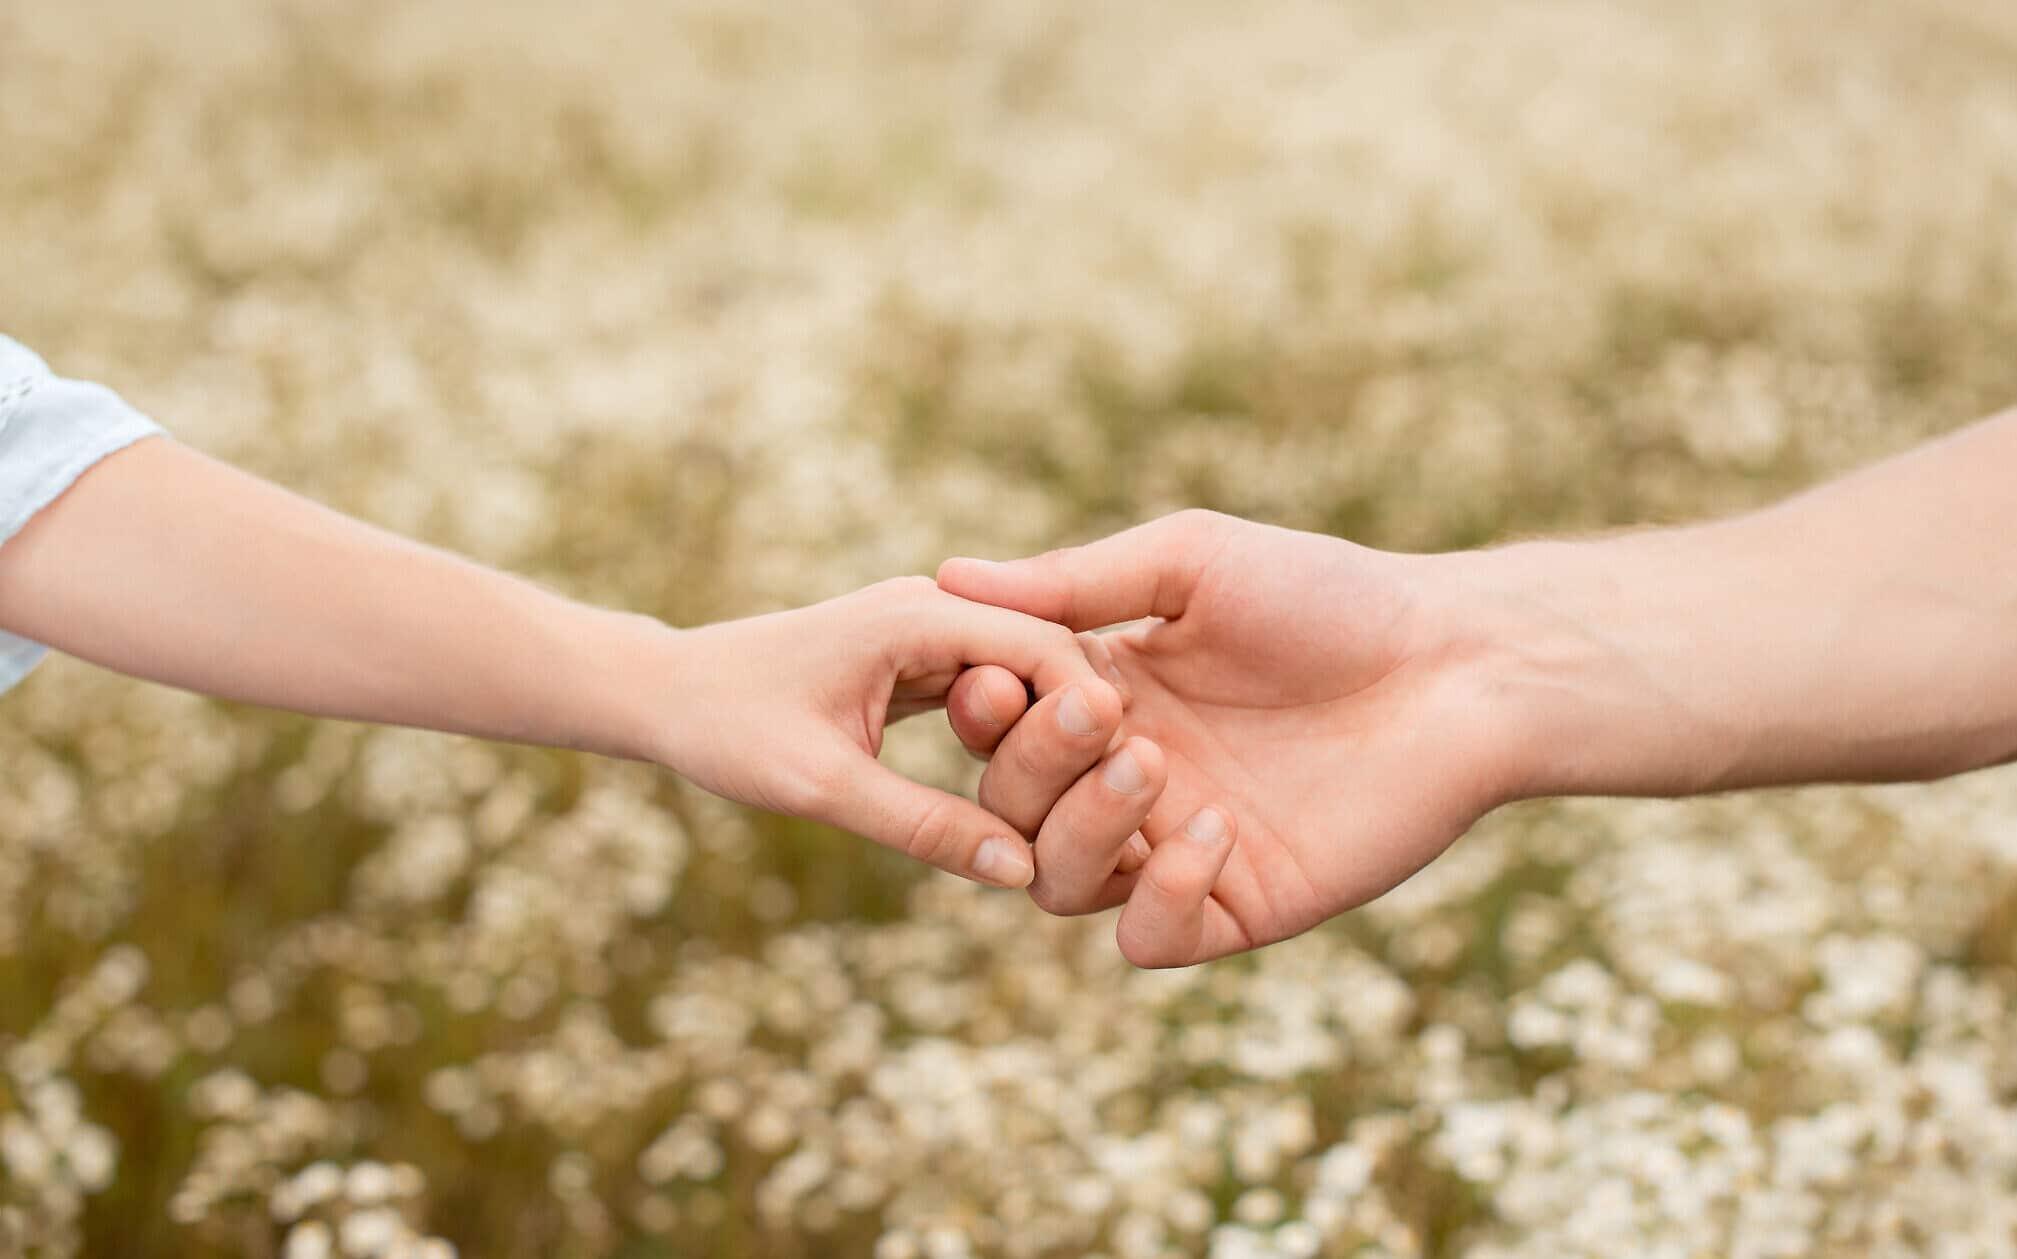 Stringere la mano di chi ci sta accanto lenisce il dolore <br> L'amore è un analgesico naturale <br> Non ci resta che innamorarci